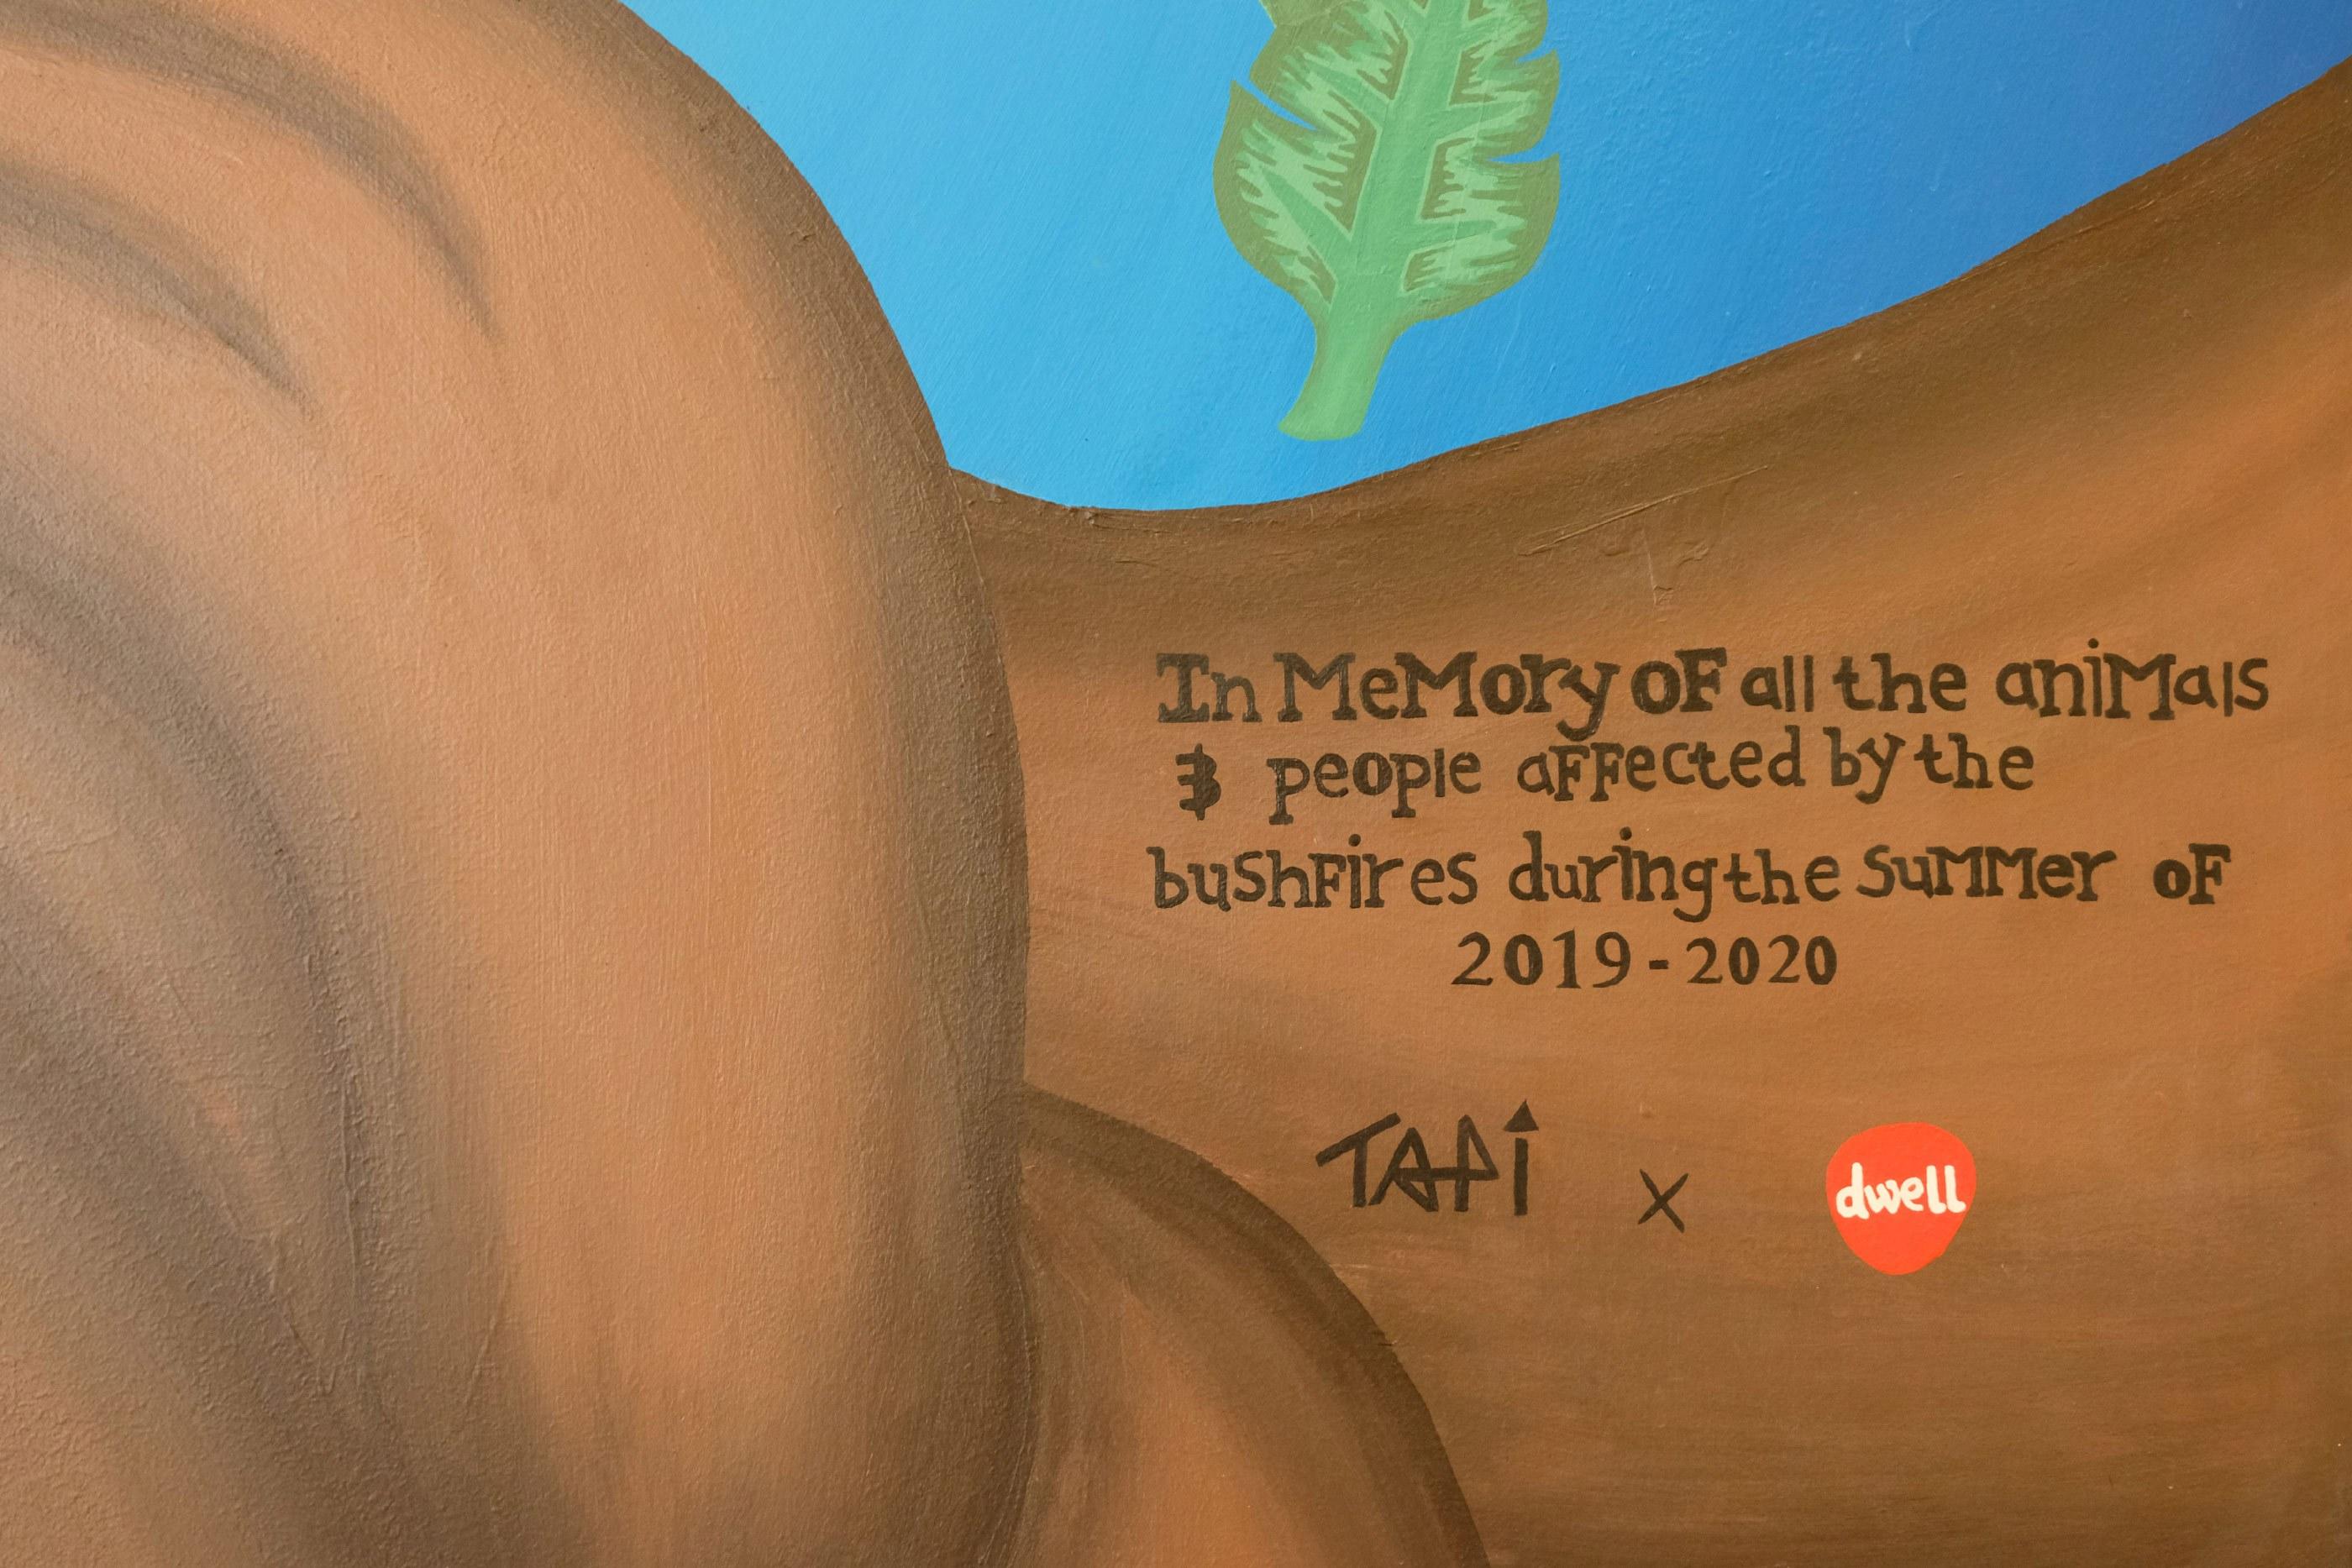 Tapi mural detail